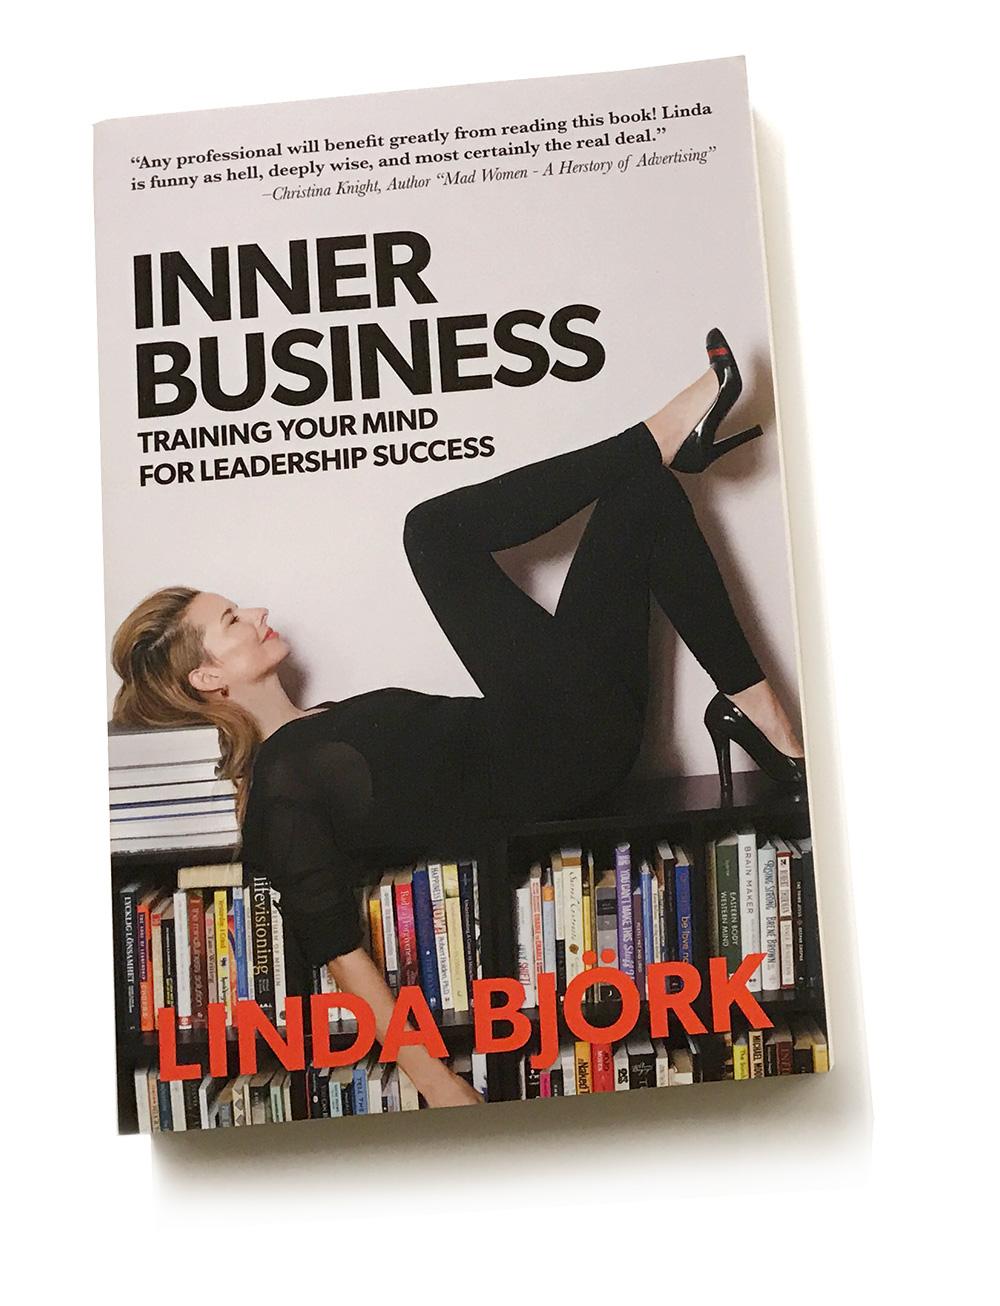 innerbusiness-book-on-white.jpg